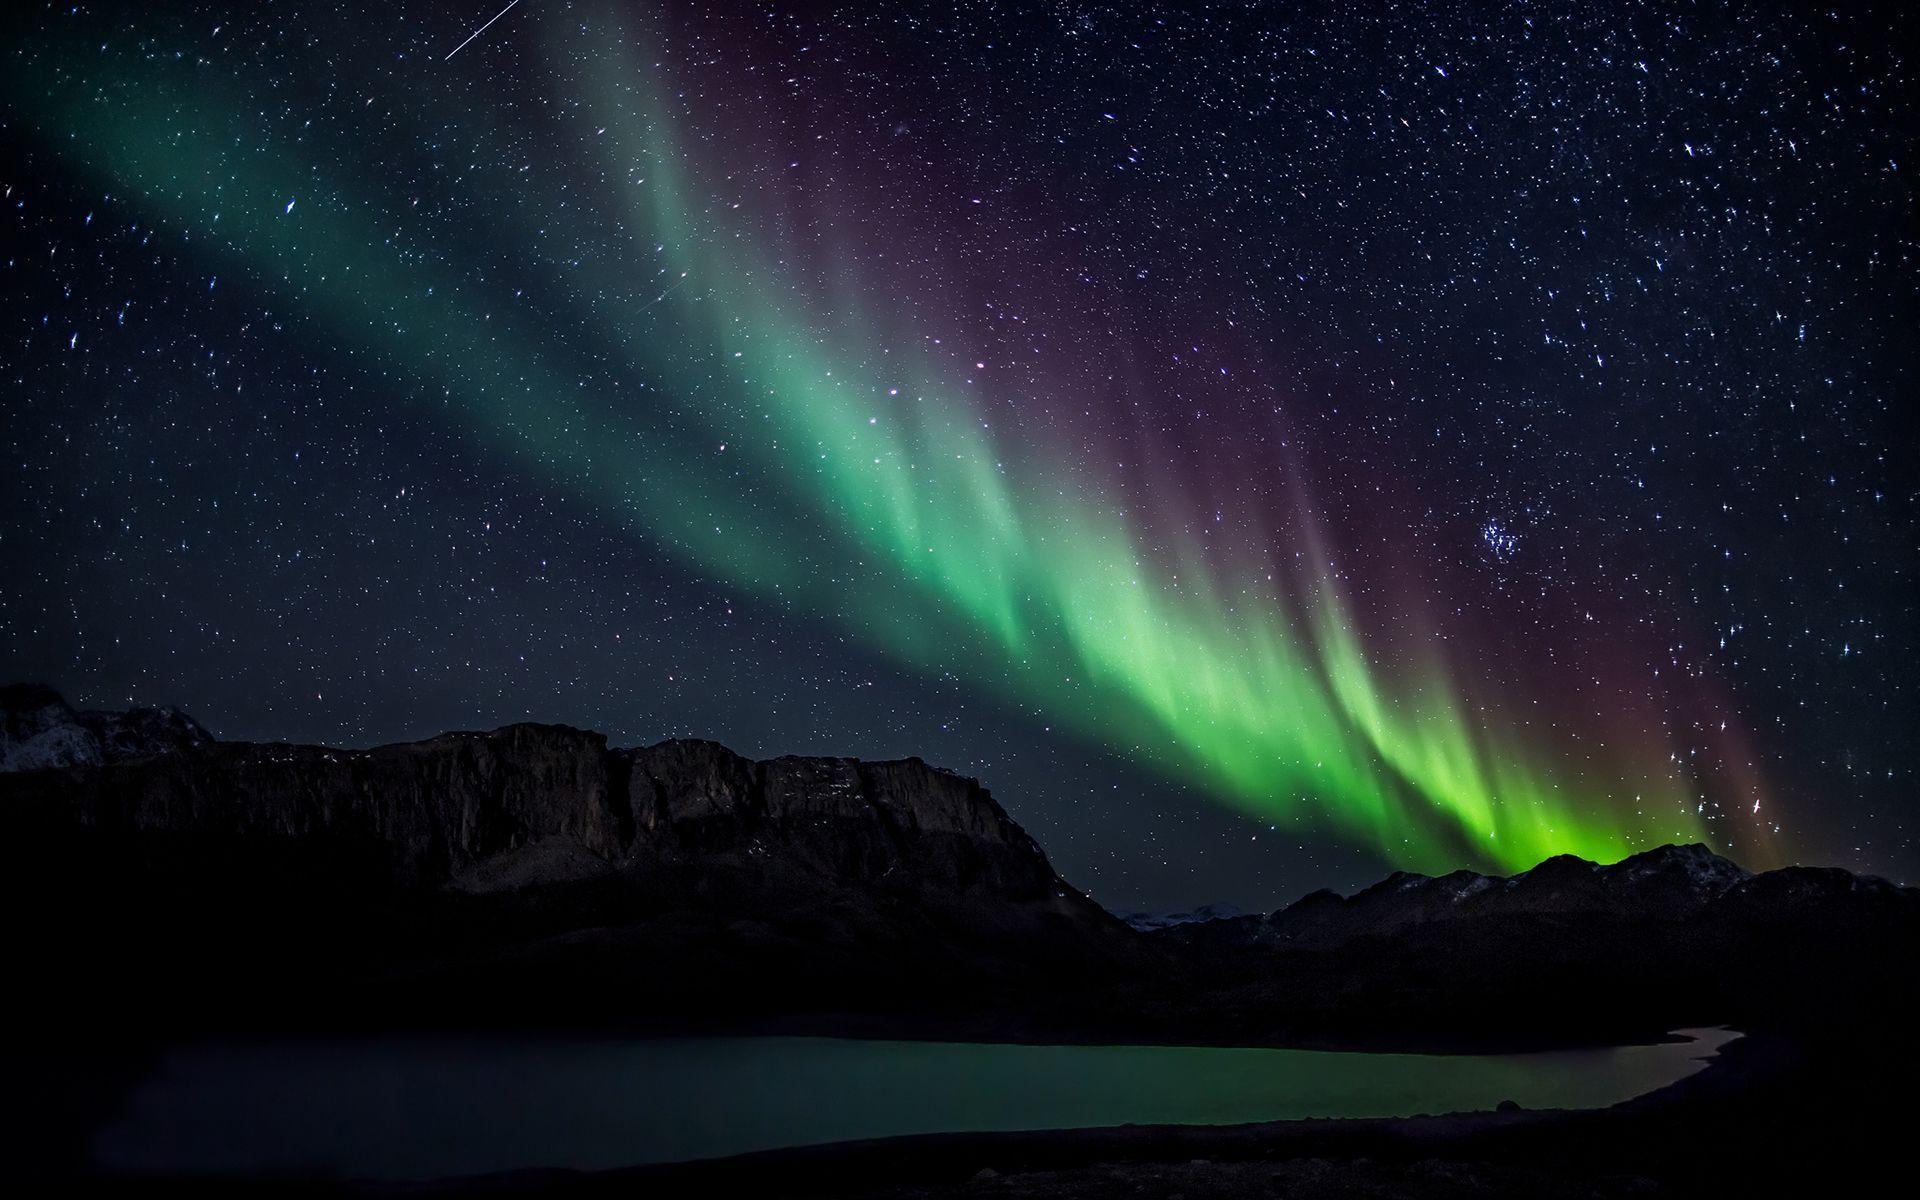 27 Northern Lights Hd Wallpapers On Wallpapersafari